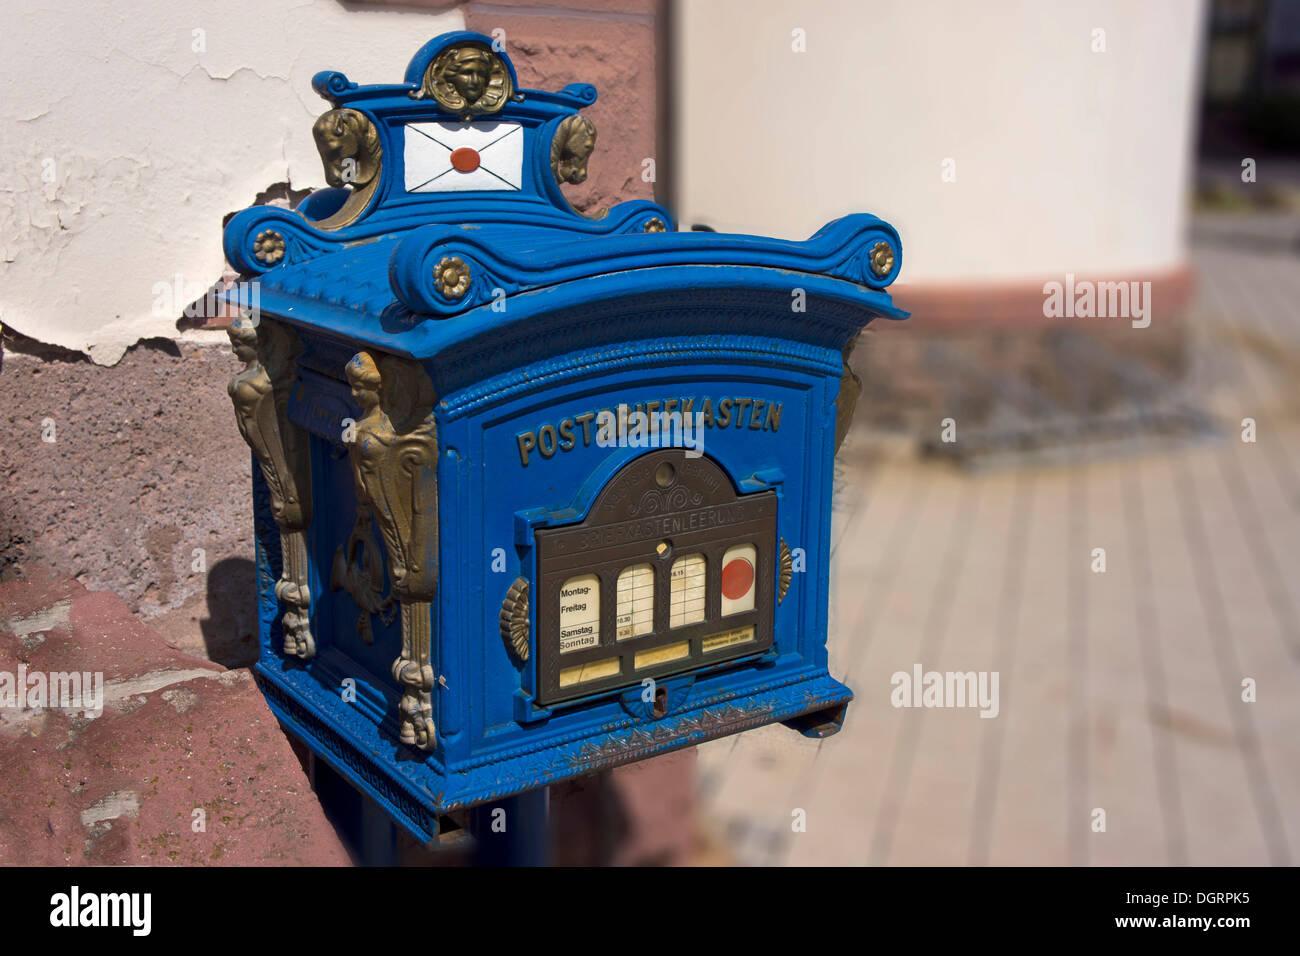 Historic postbox, Bad Liebenstein, Bad Liebenstein, Thuringia, Germany - Stock Image